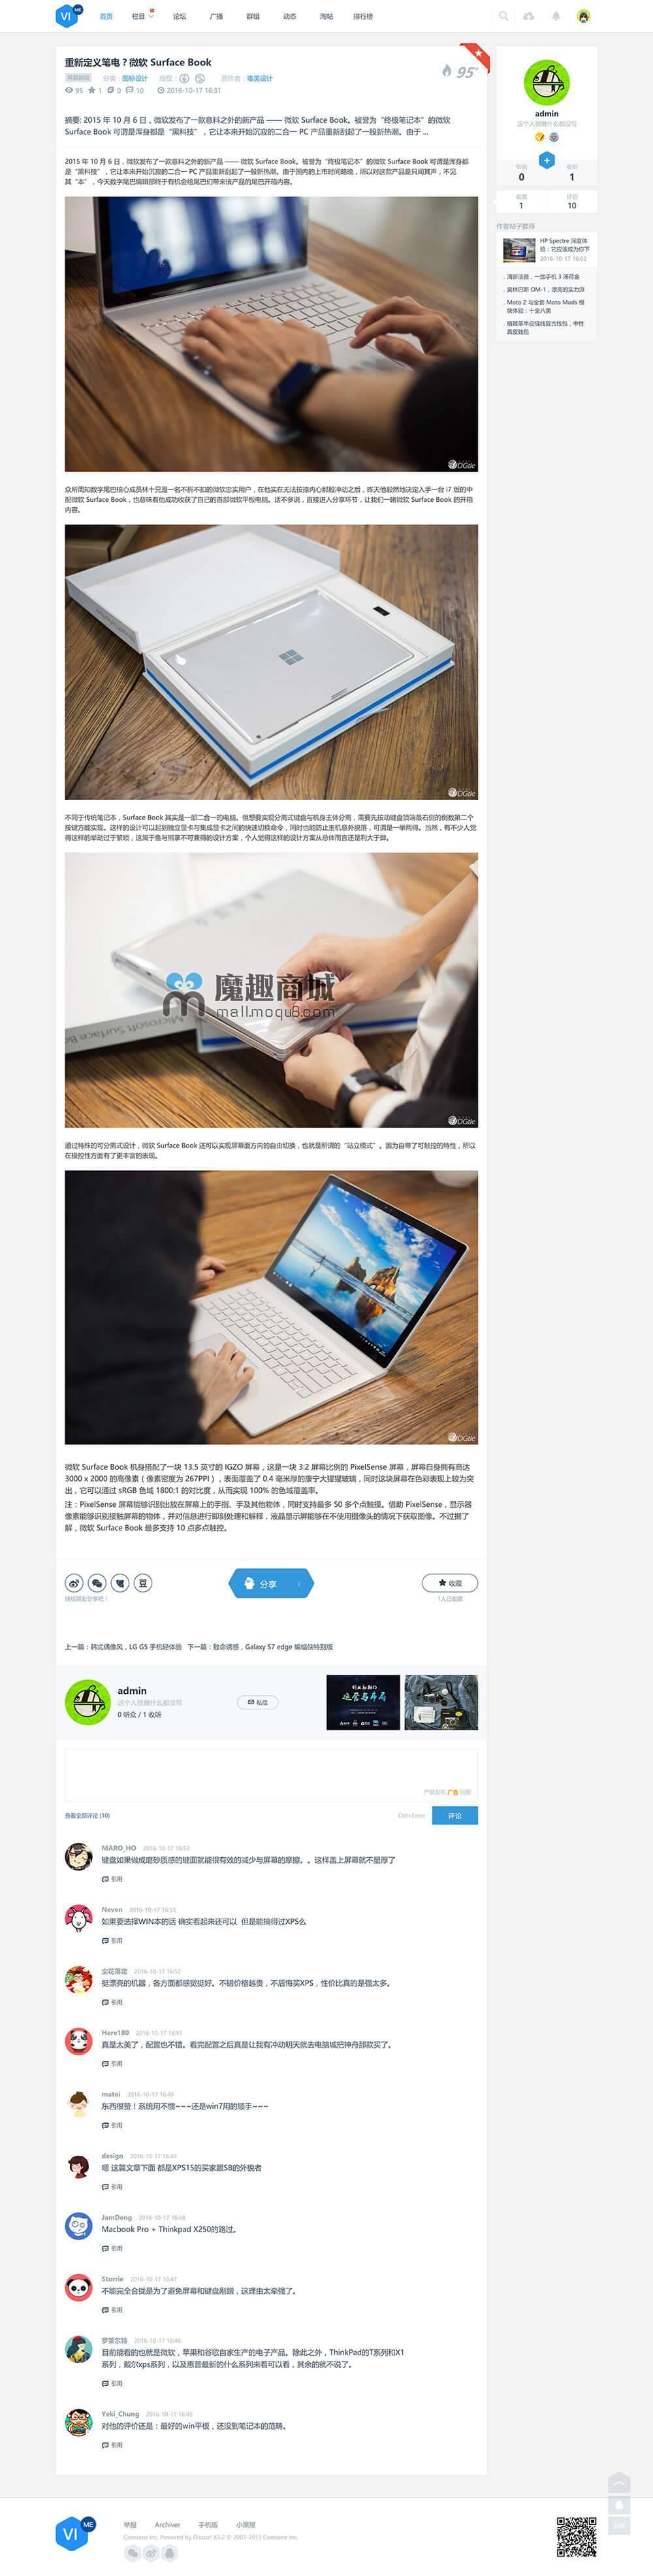 <font color='#0FCECE'>设计师之家UI素材图片展示带空间美化</font>